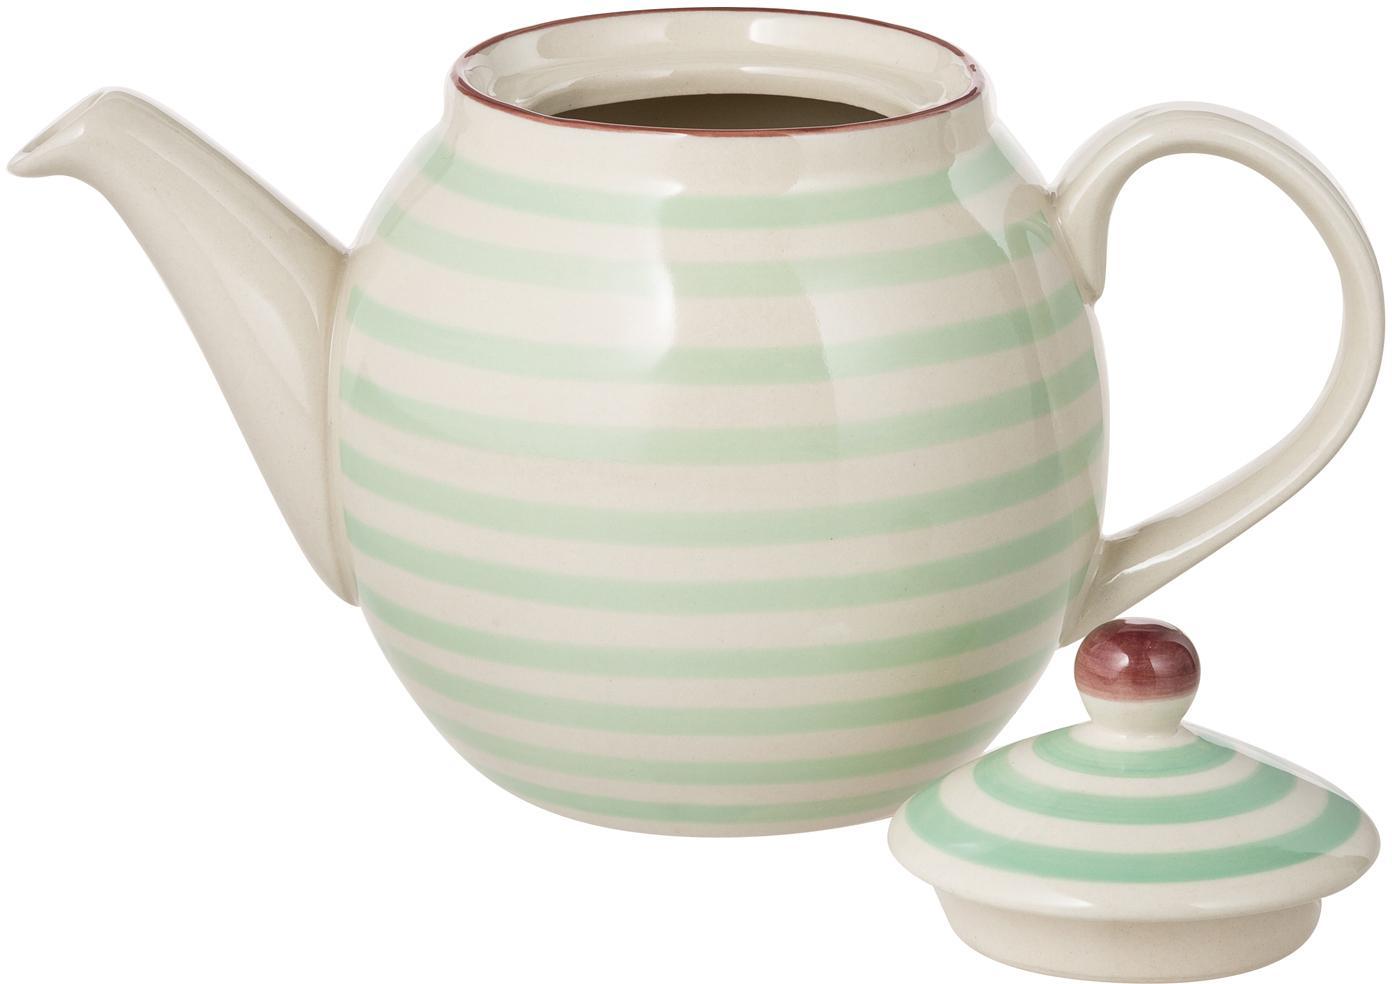 Handbemalte Teekanne Patrizia mit verspieltem Muster, Steingut, Außen: Grün, Creme, Violett<br>Innen: Creme, 1.2 L